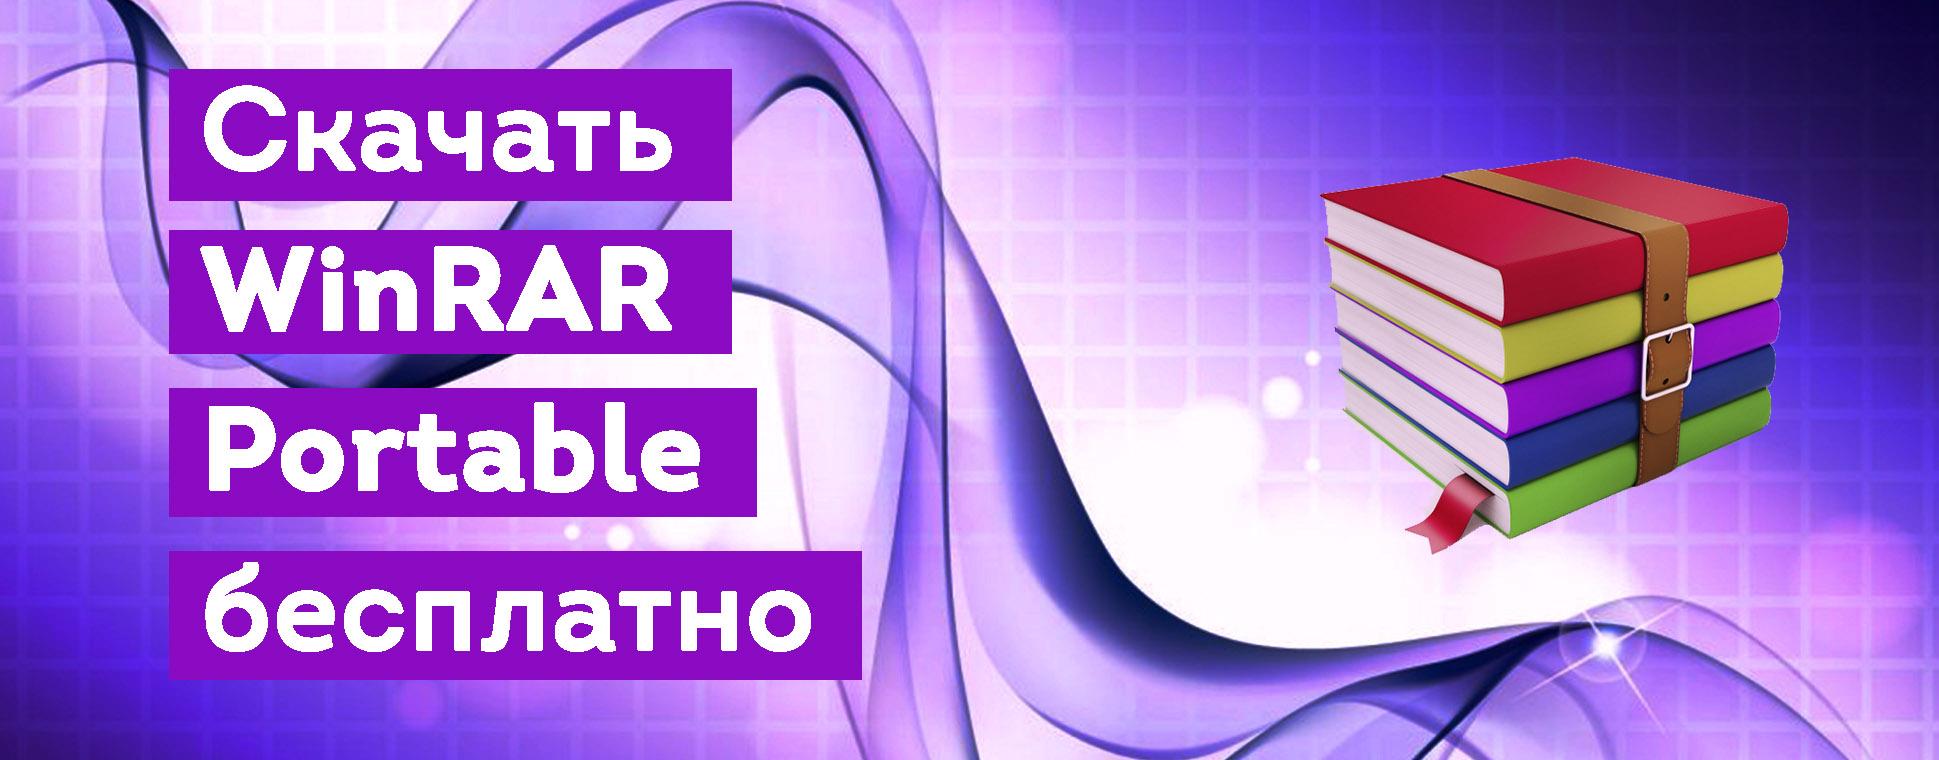 WinRAR Portable